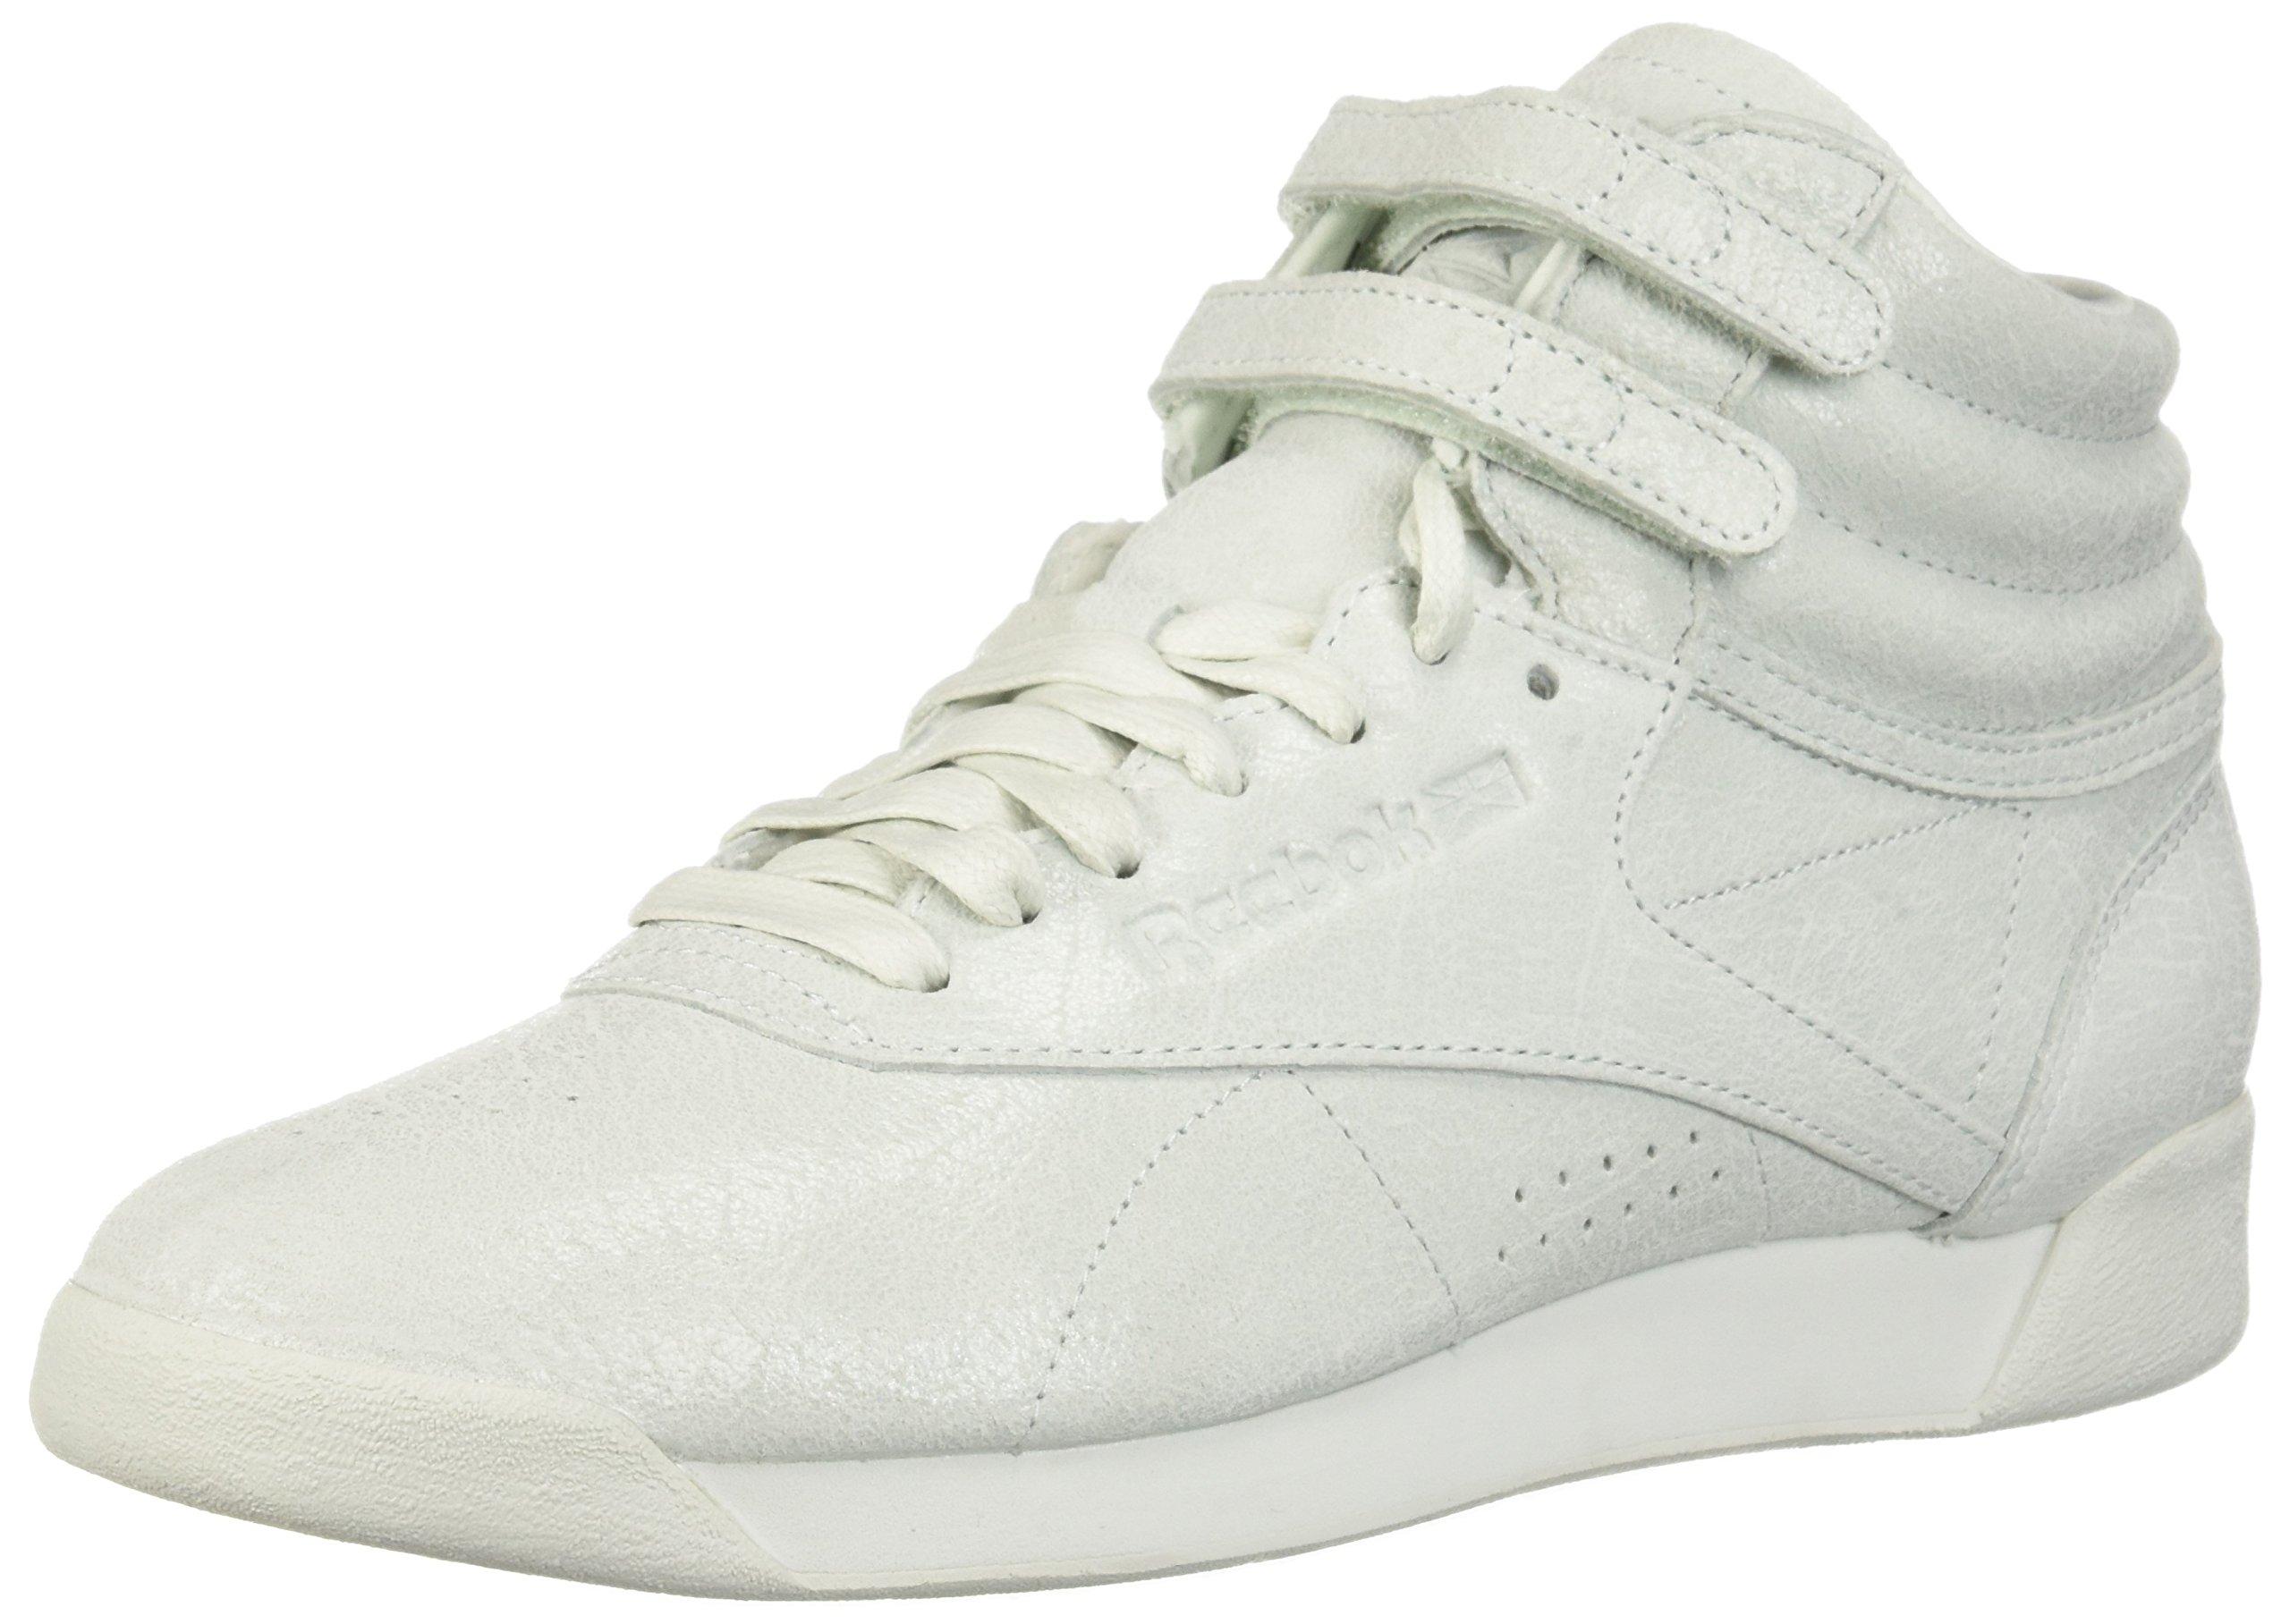 Reebok Women's F/S Hi Fbt Walking Shoe, Opal/Opal, 8.5 M US